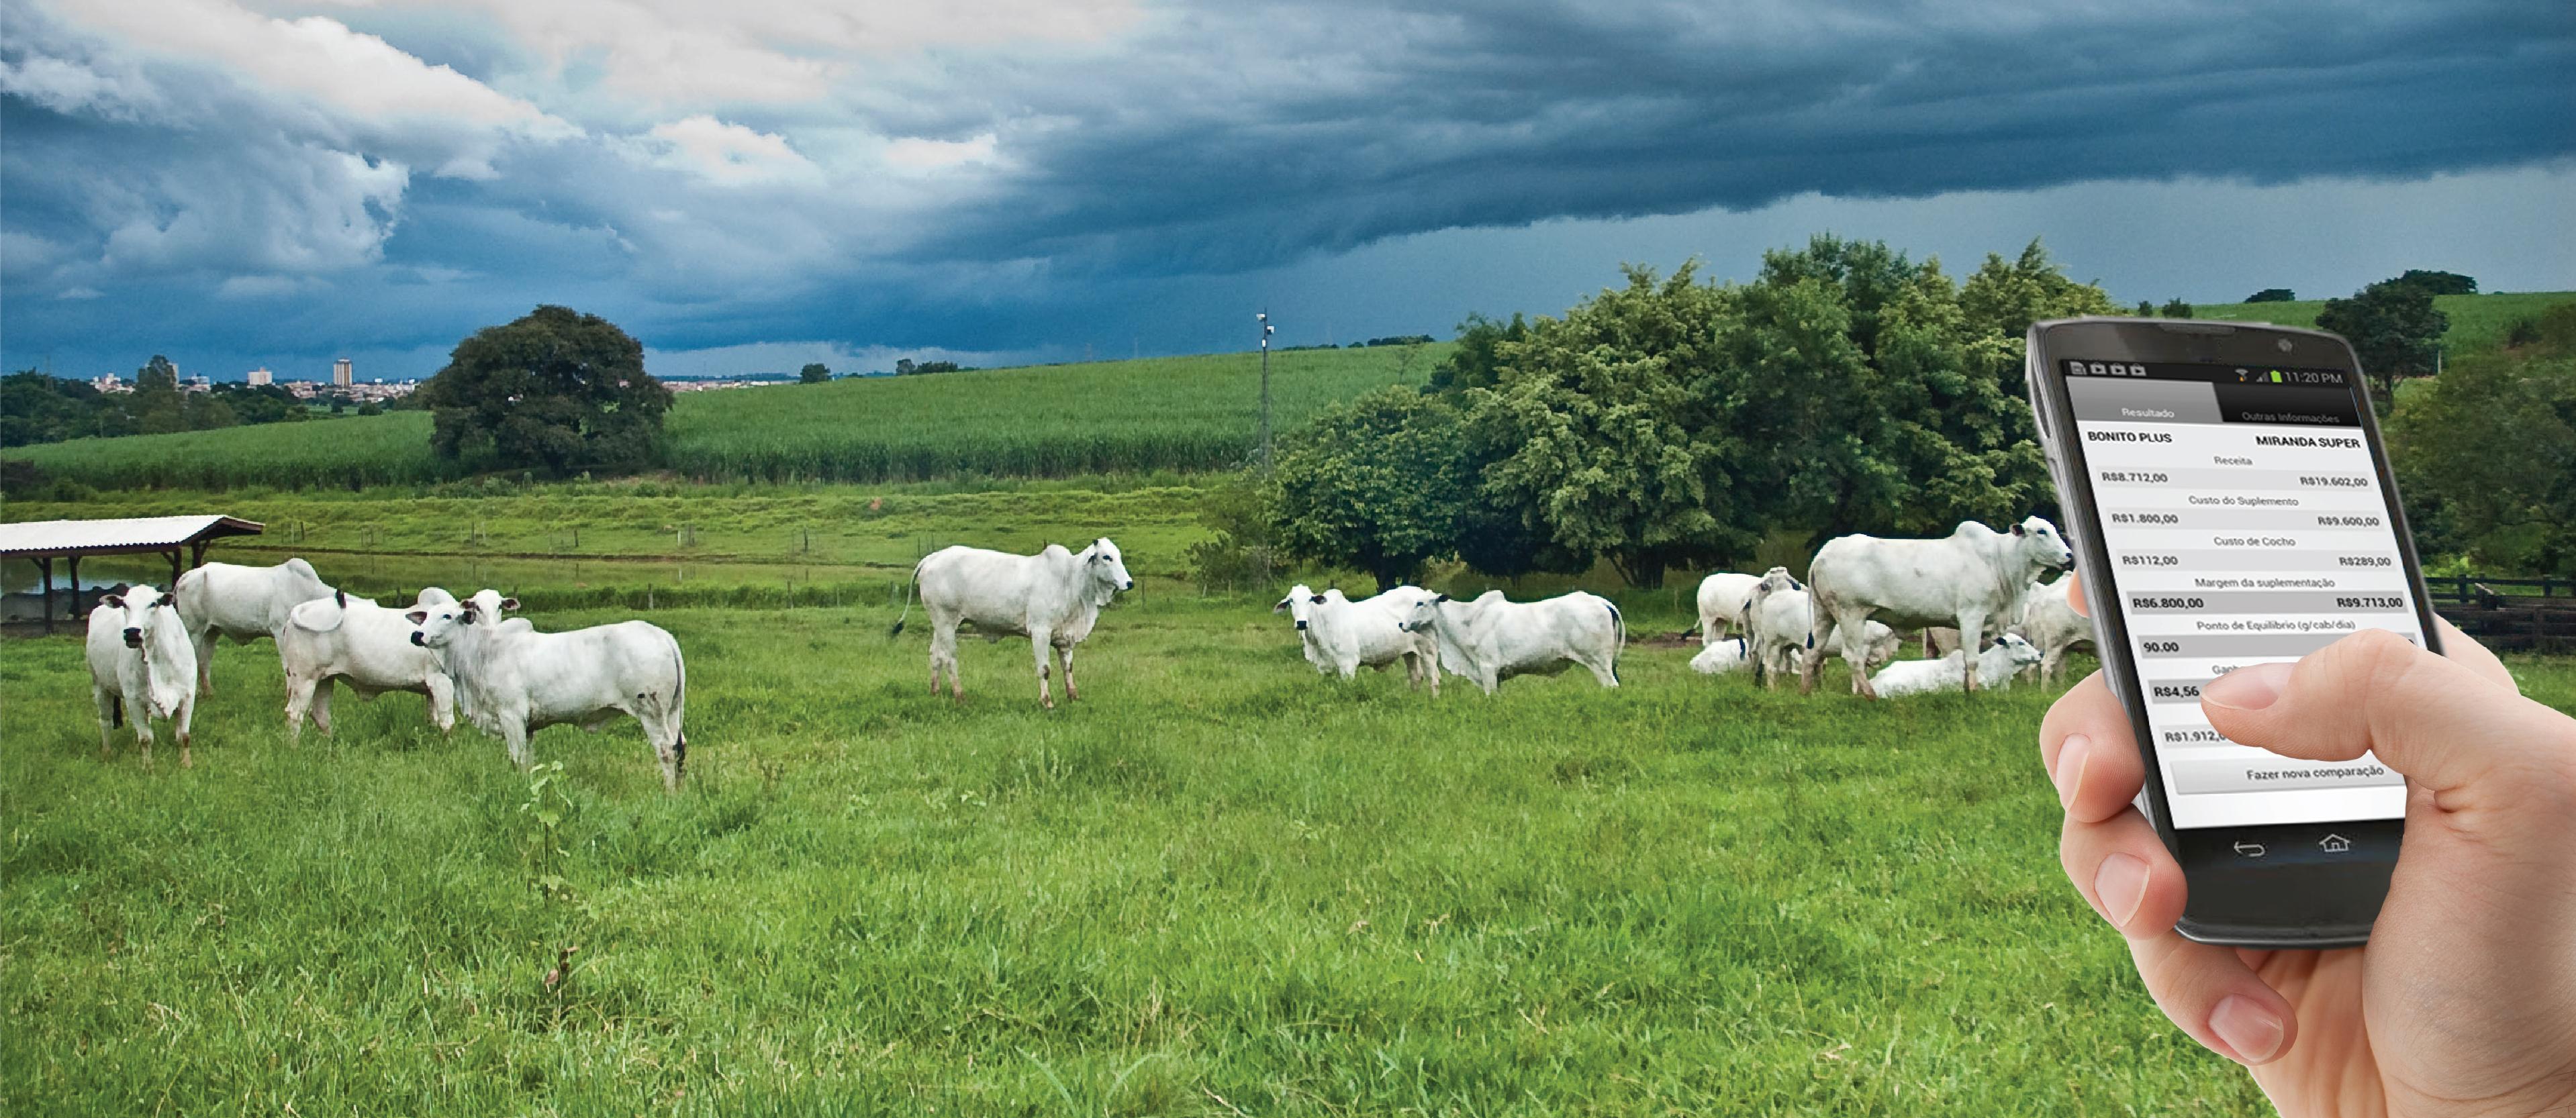 Agência de Notícias - Embrapa - Embrapa lança primeiro aplicativo para  nutrição de bovinos de corte 2686ec07cc7